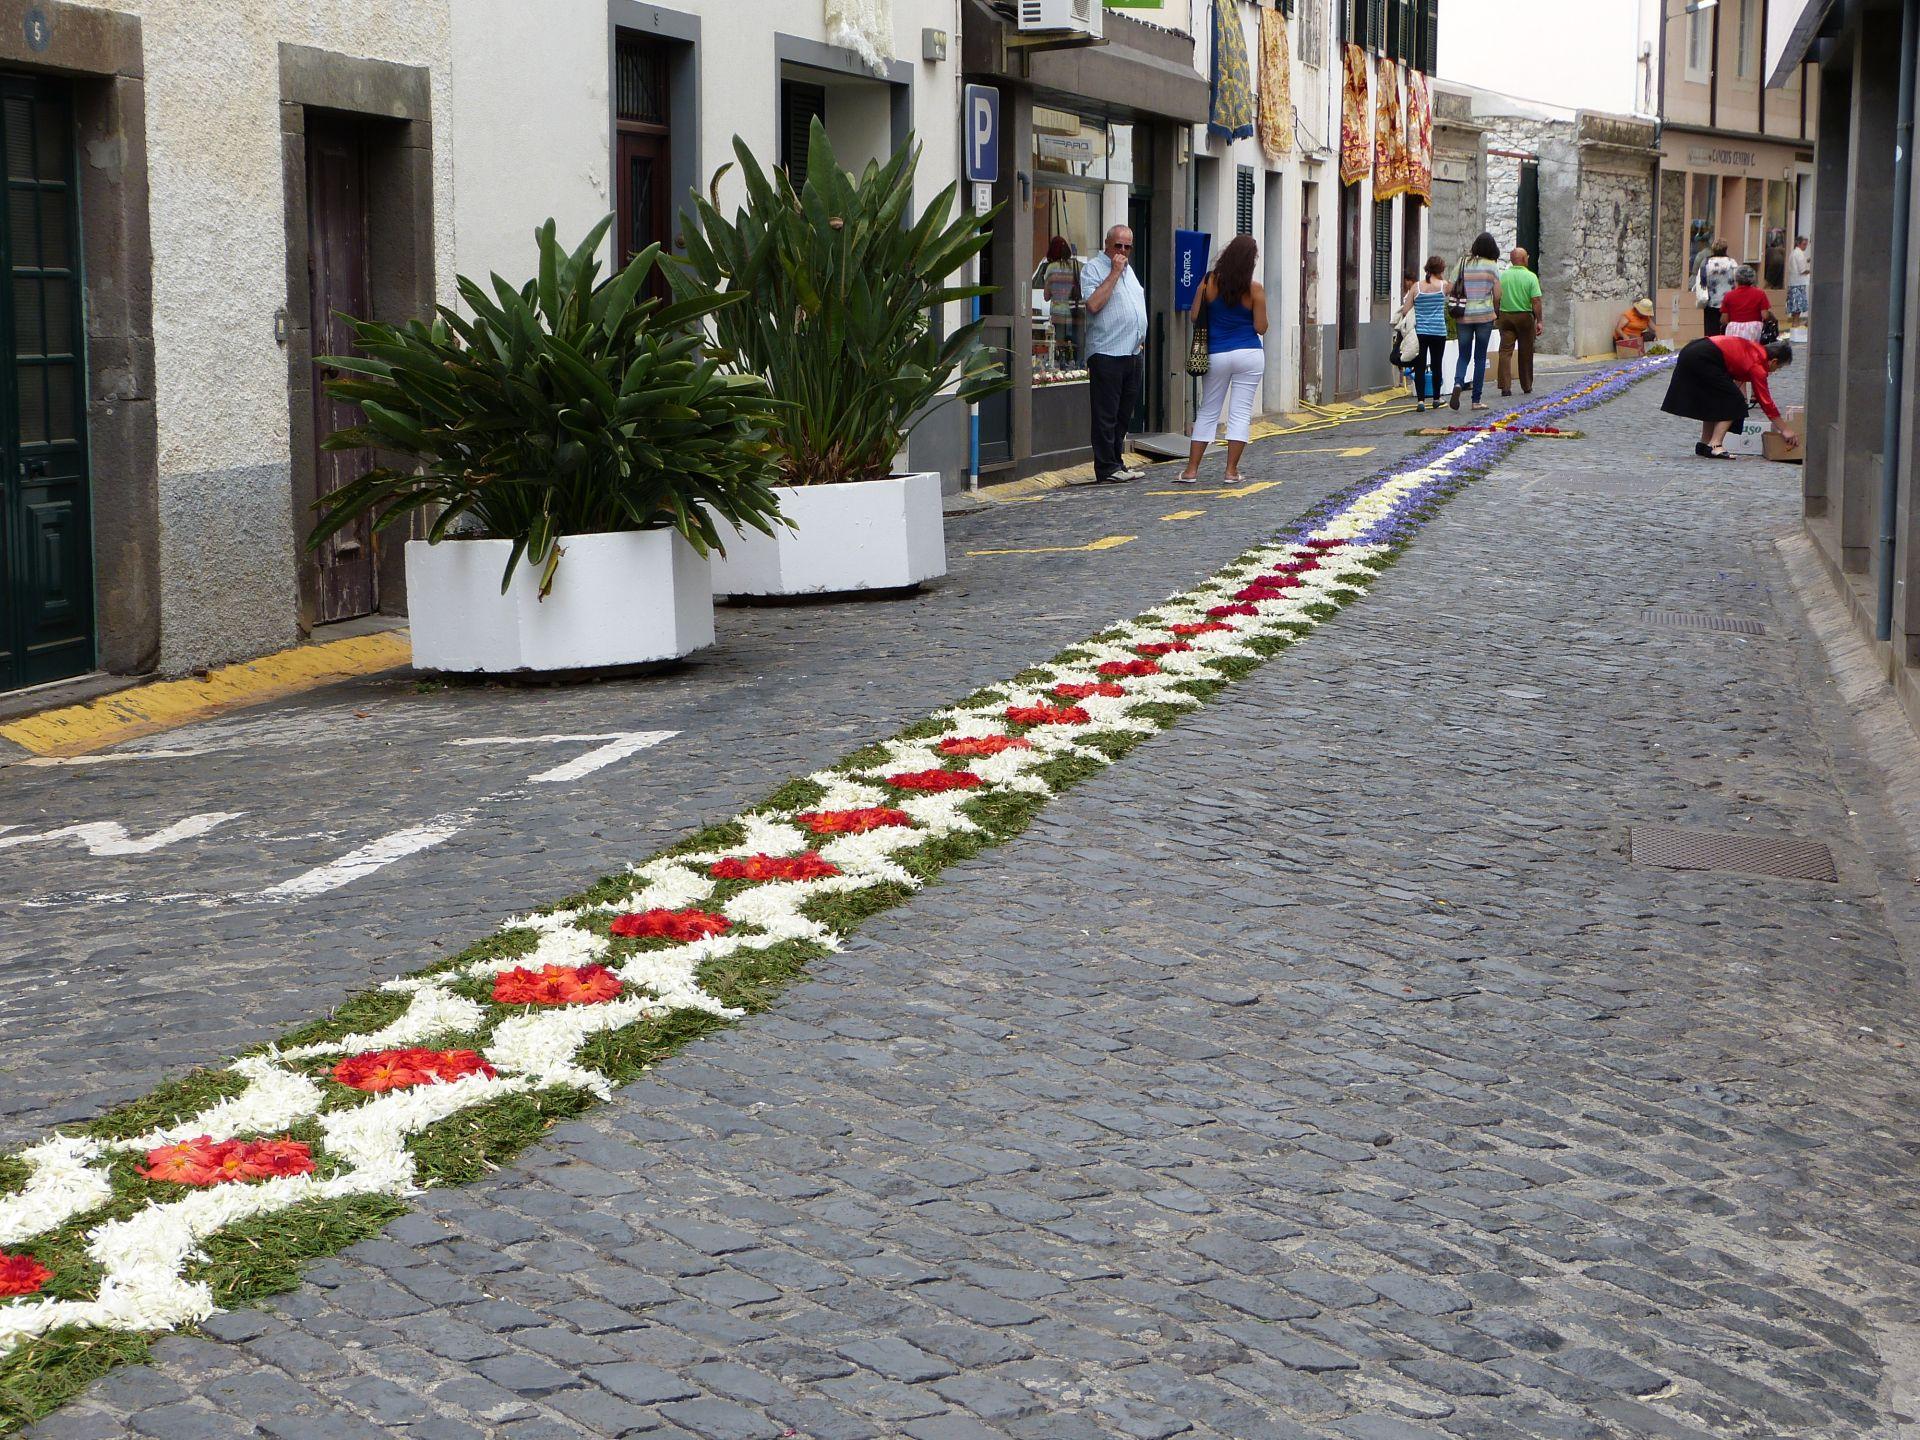 Blumenfest in Ribeira Brava:  Sehr aufwändig